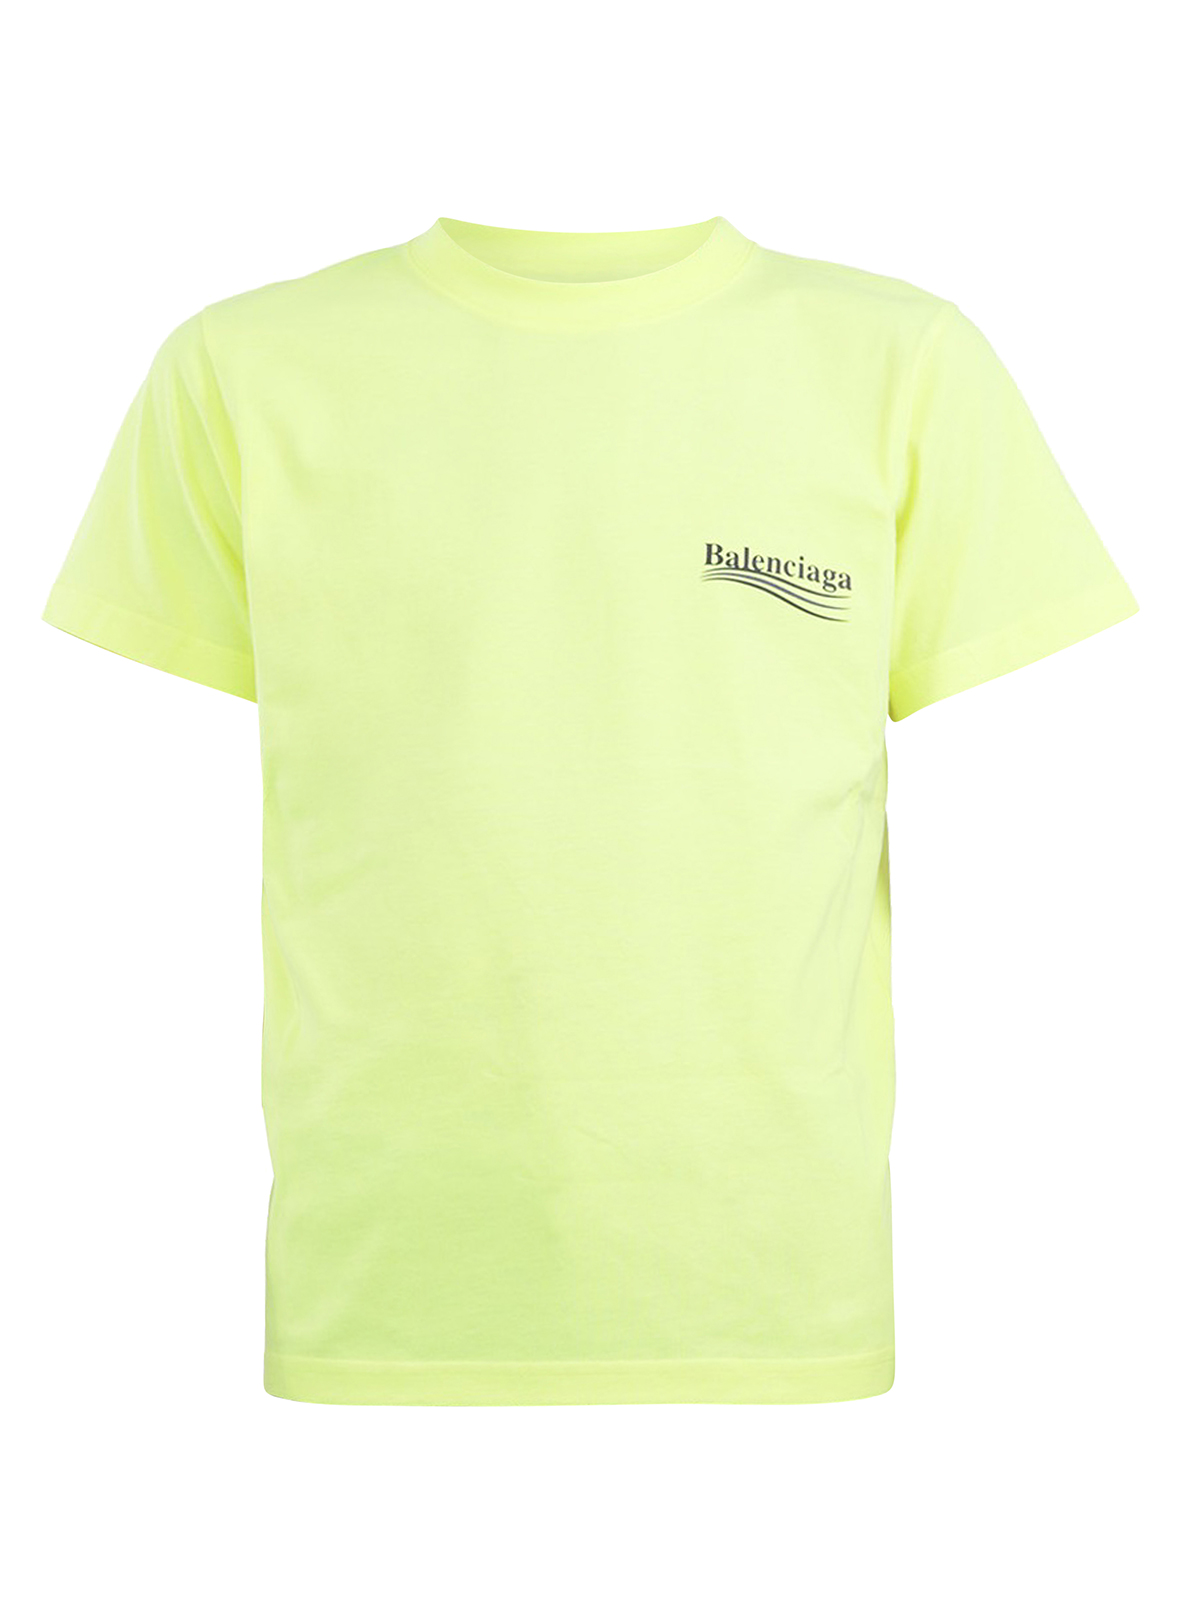 Balenciaga T-shirts POLITICAL CAMPAIGN T-SHIRT